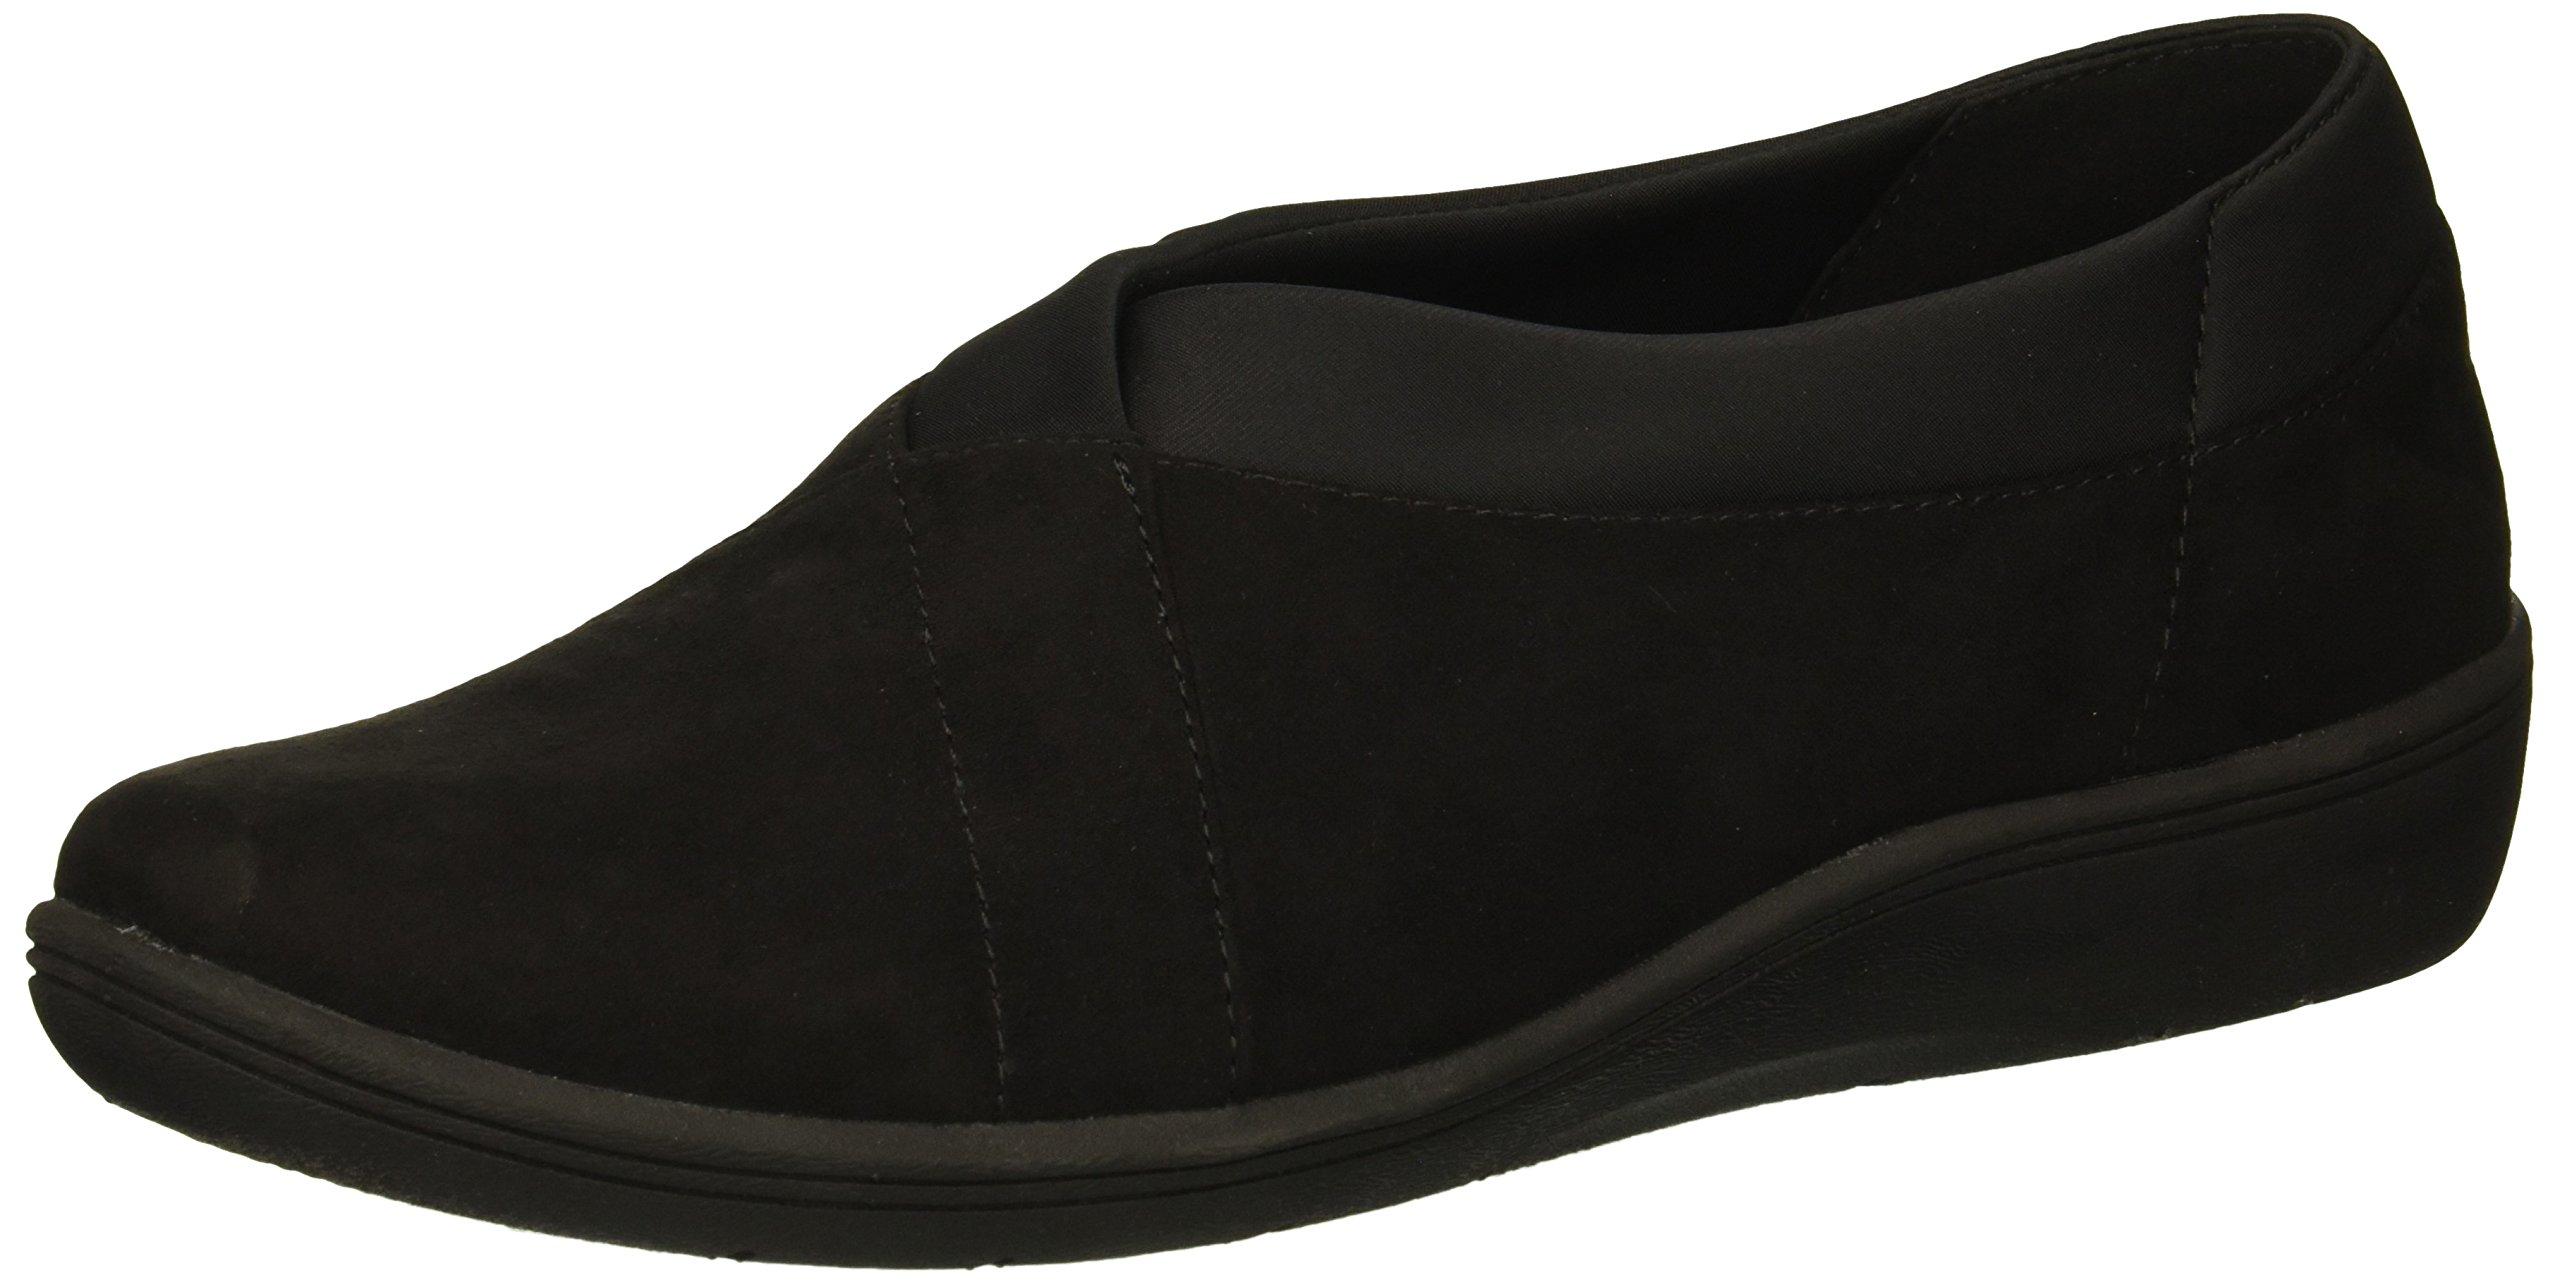 Copper Fit Women's Restore Slip on Sneaker, Black, 7.5 M US